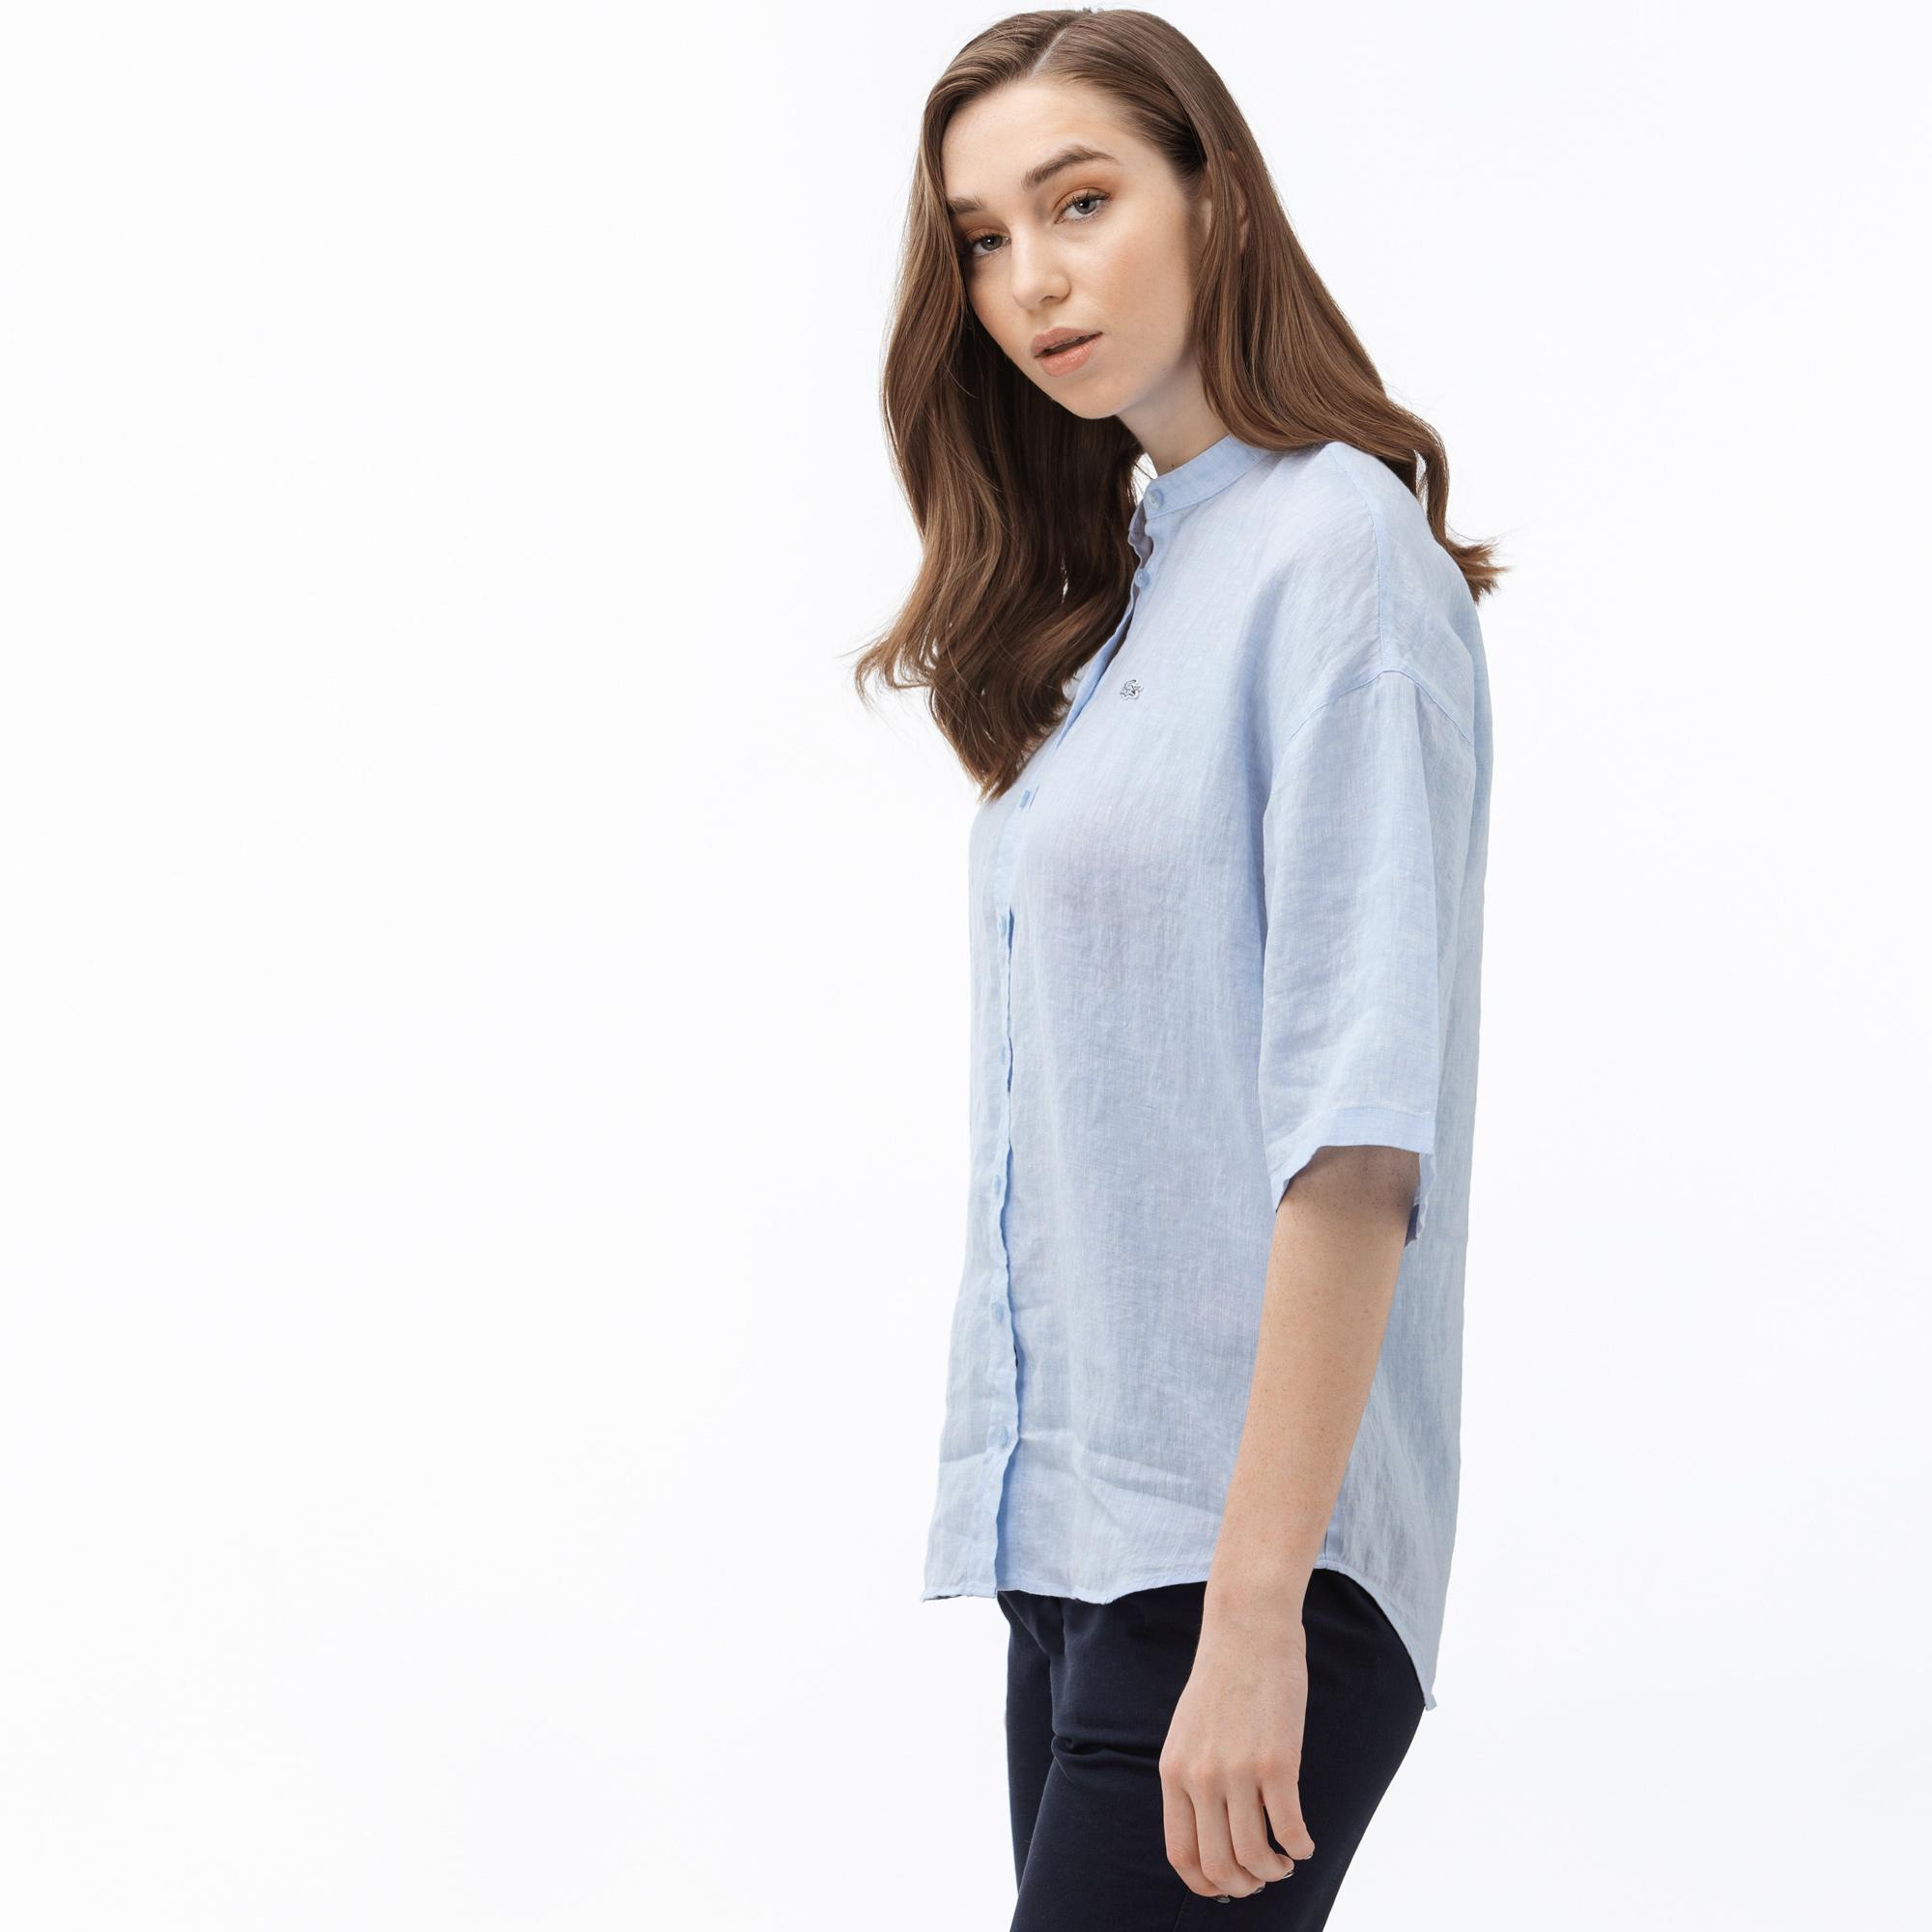 Lacoste Kadın Hakim Yaka Kısa Kollu Açık Mavi Keten Gömlek